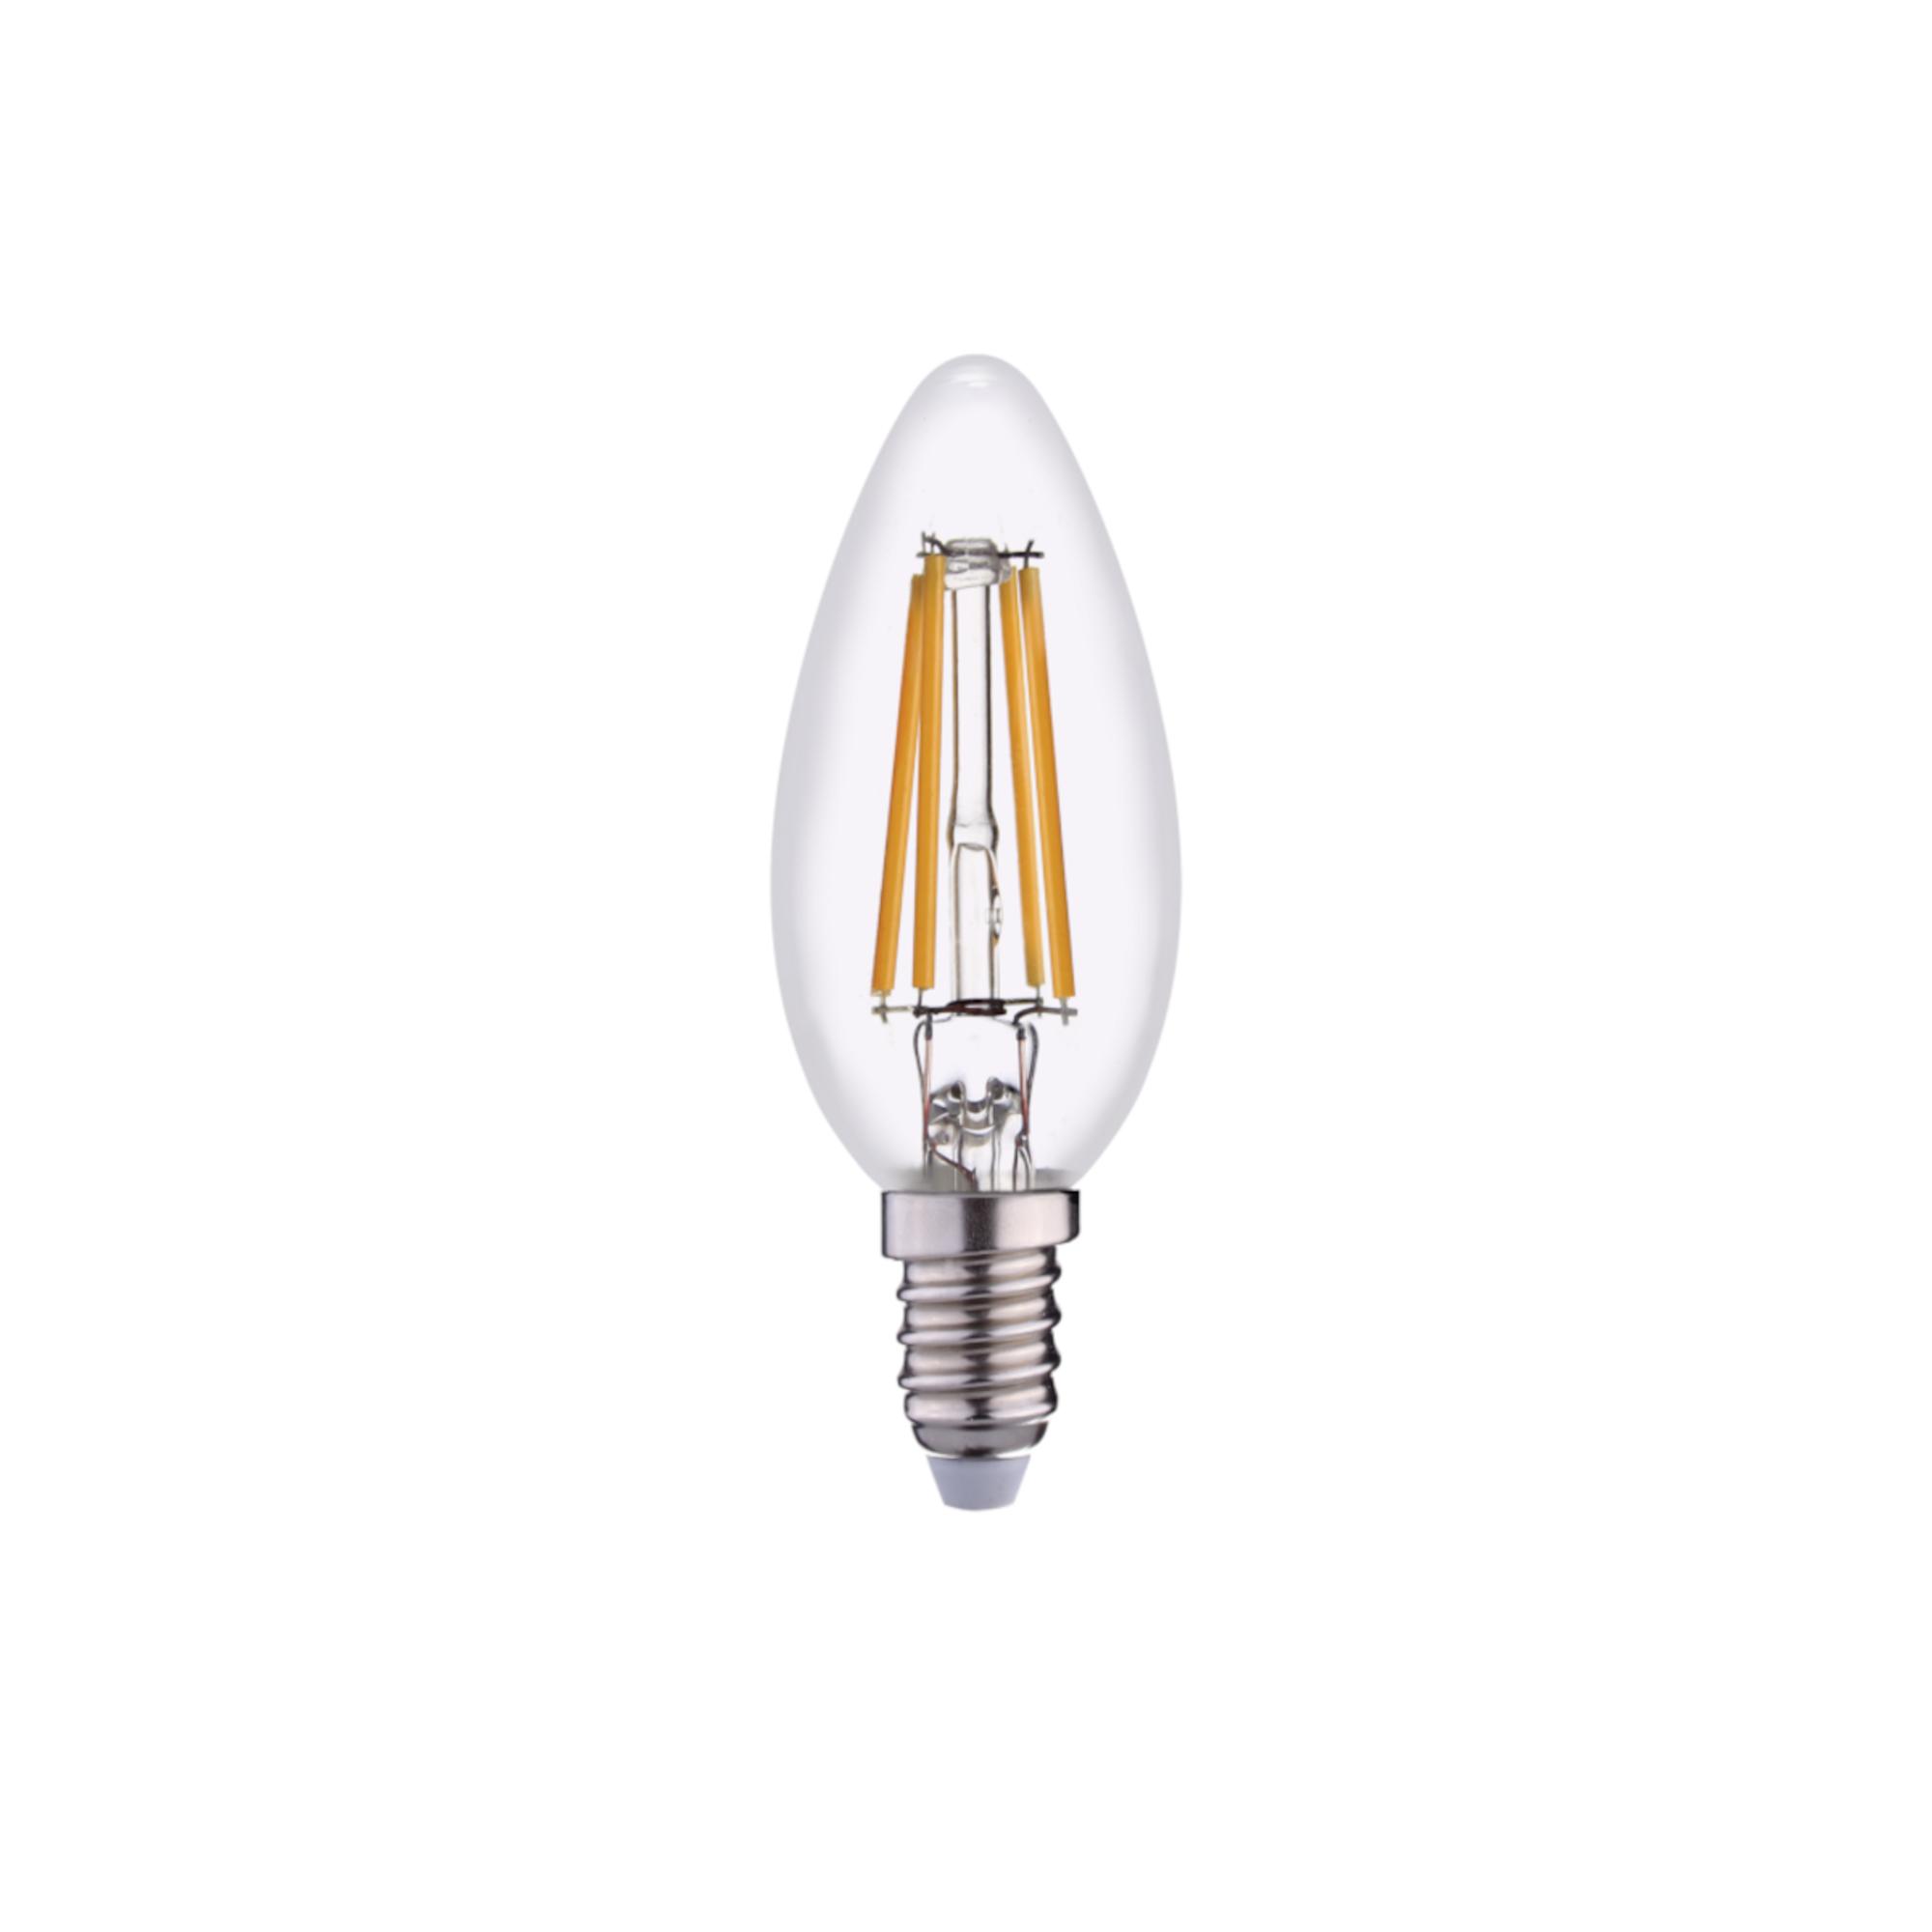 Светодиодная лампочка Фотон 23044 E14 460 Лм 4 Вт